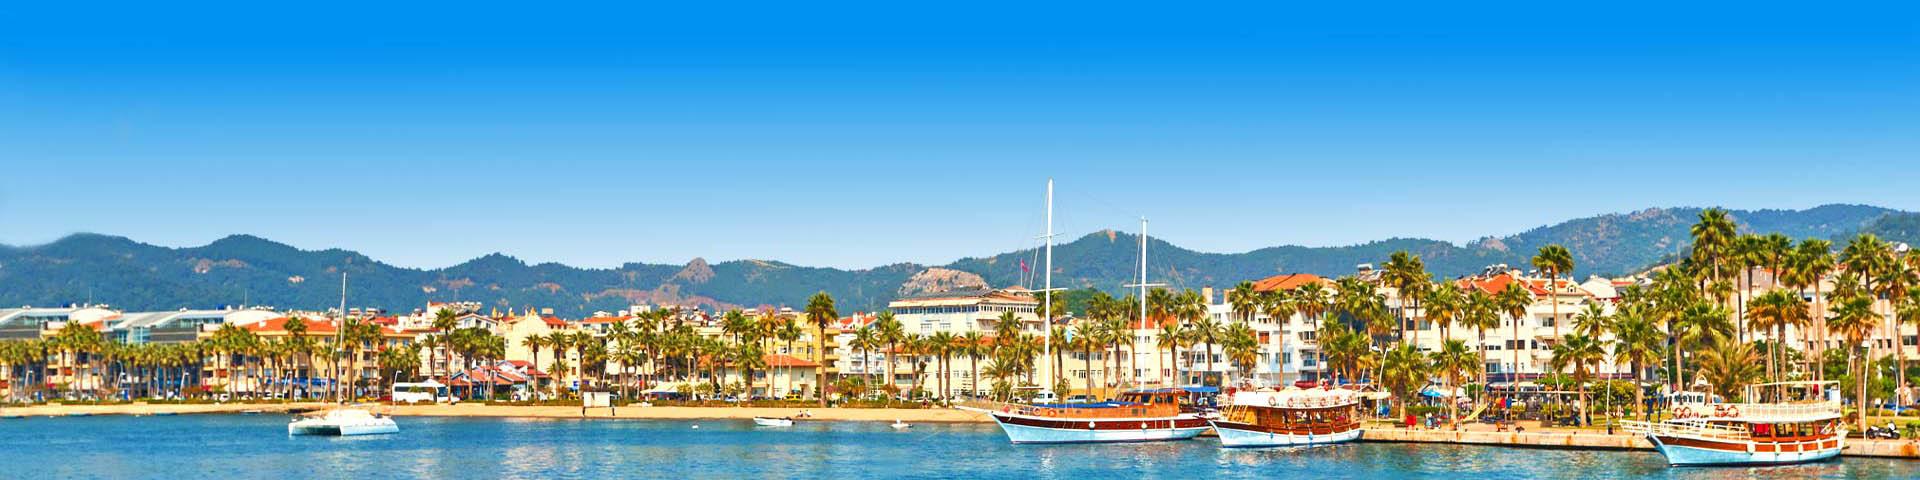 Uitzicht op de haven en kustlijn van Marmaris in Turkije